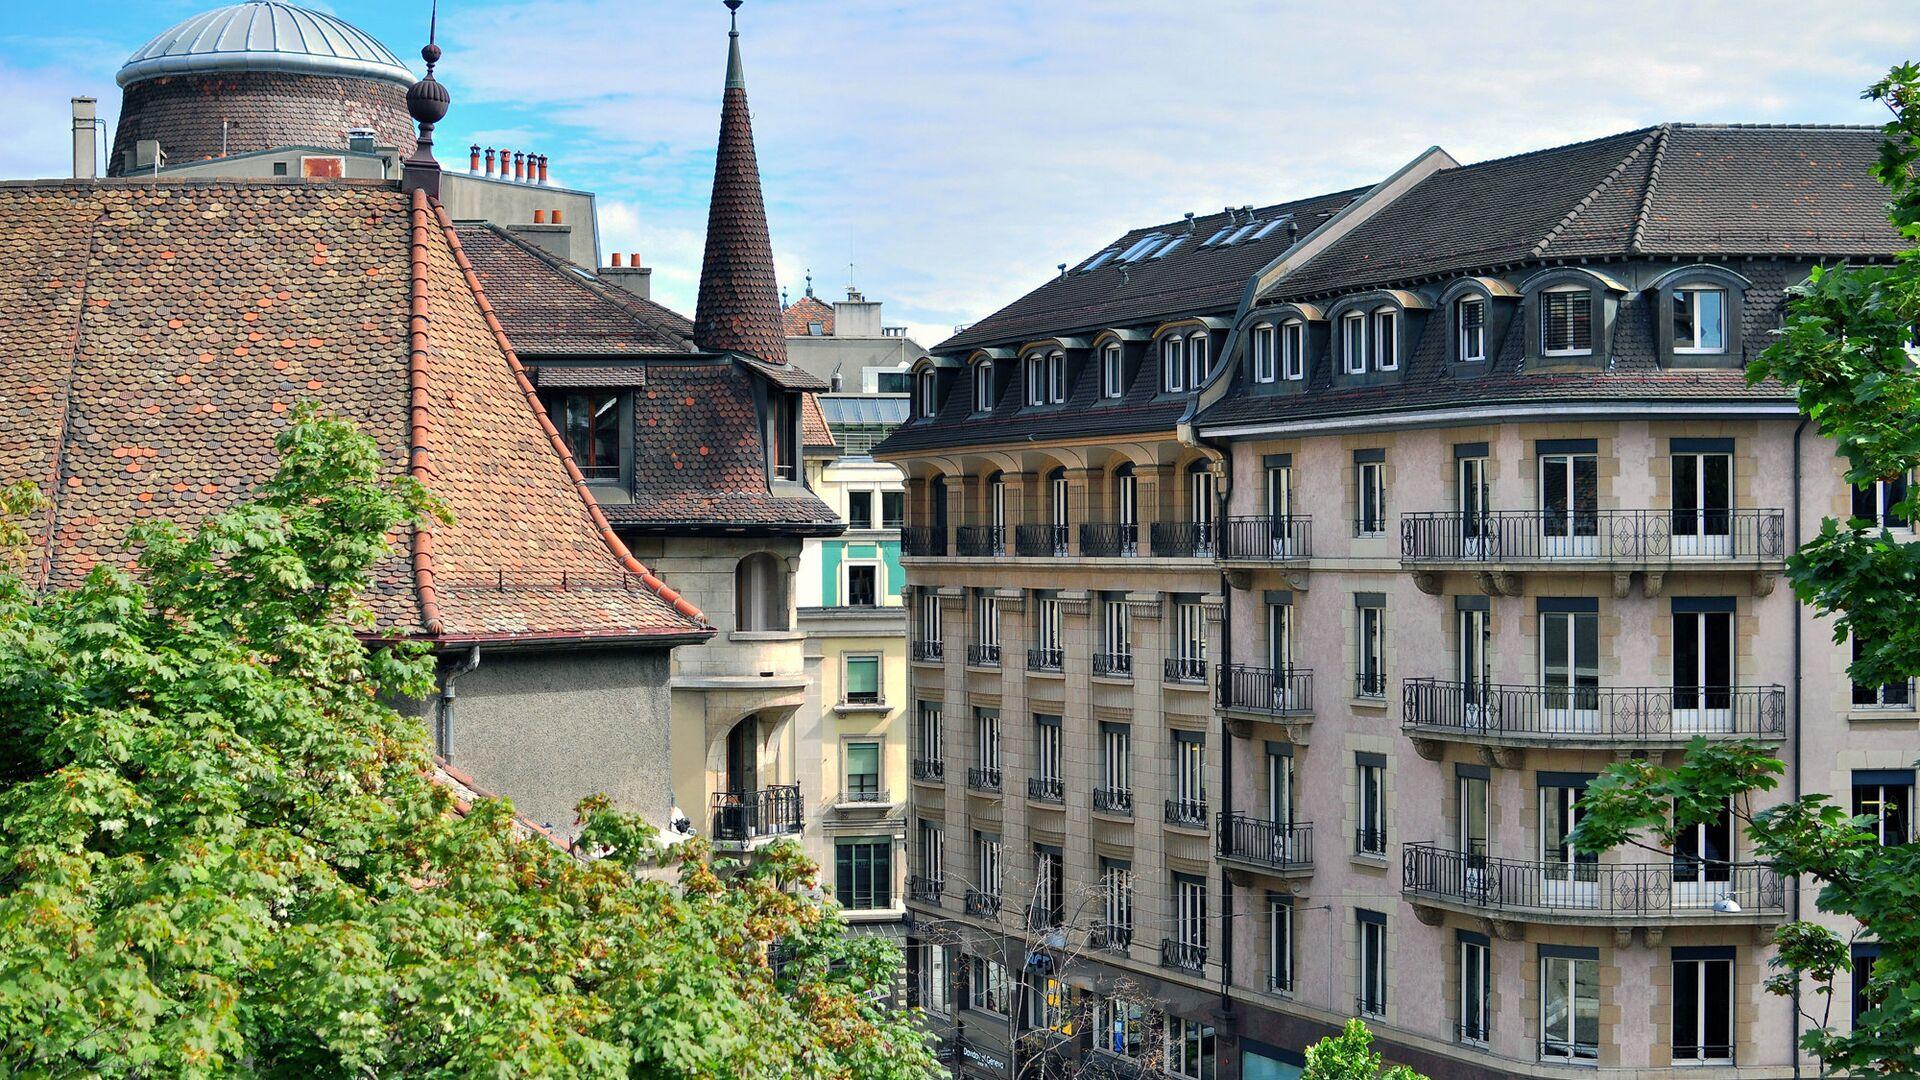 Вид на центр Женевы, Швейцария - РИА Новости, 1920, 26.05.2021